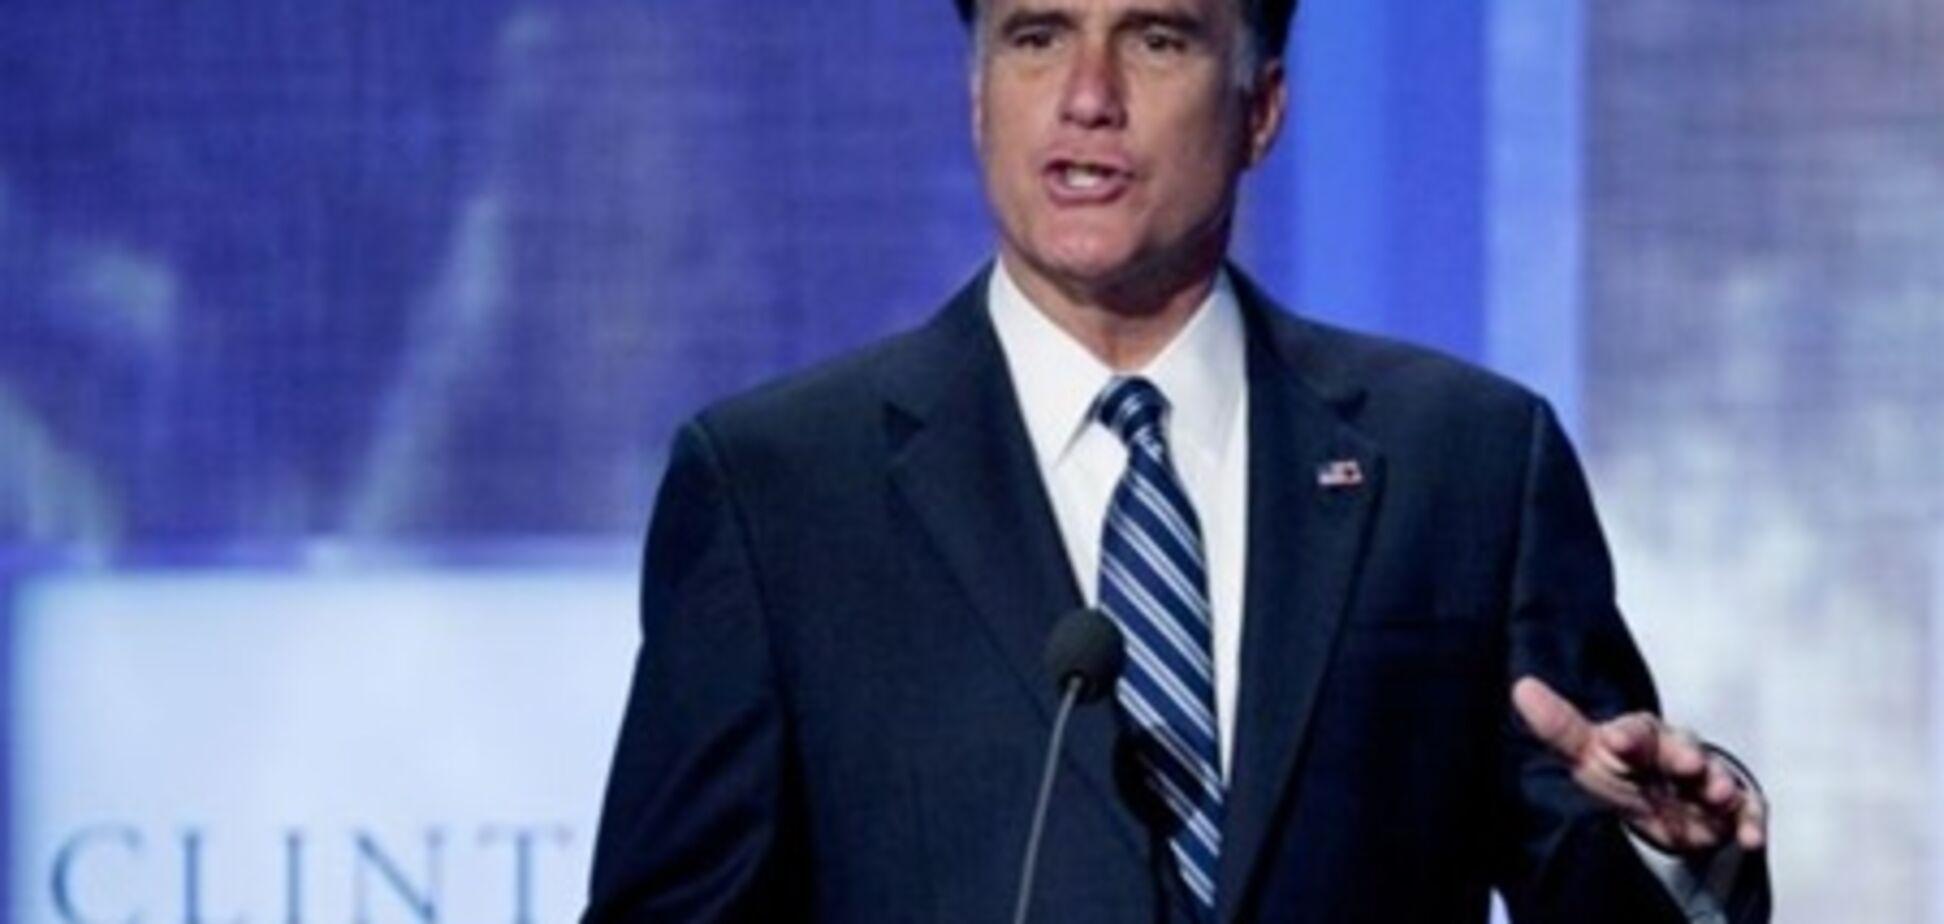 Ромні повертається в бізнес